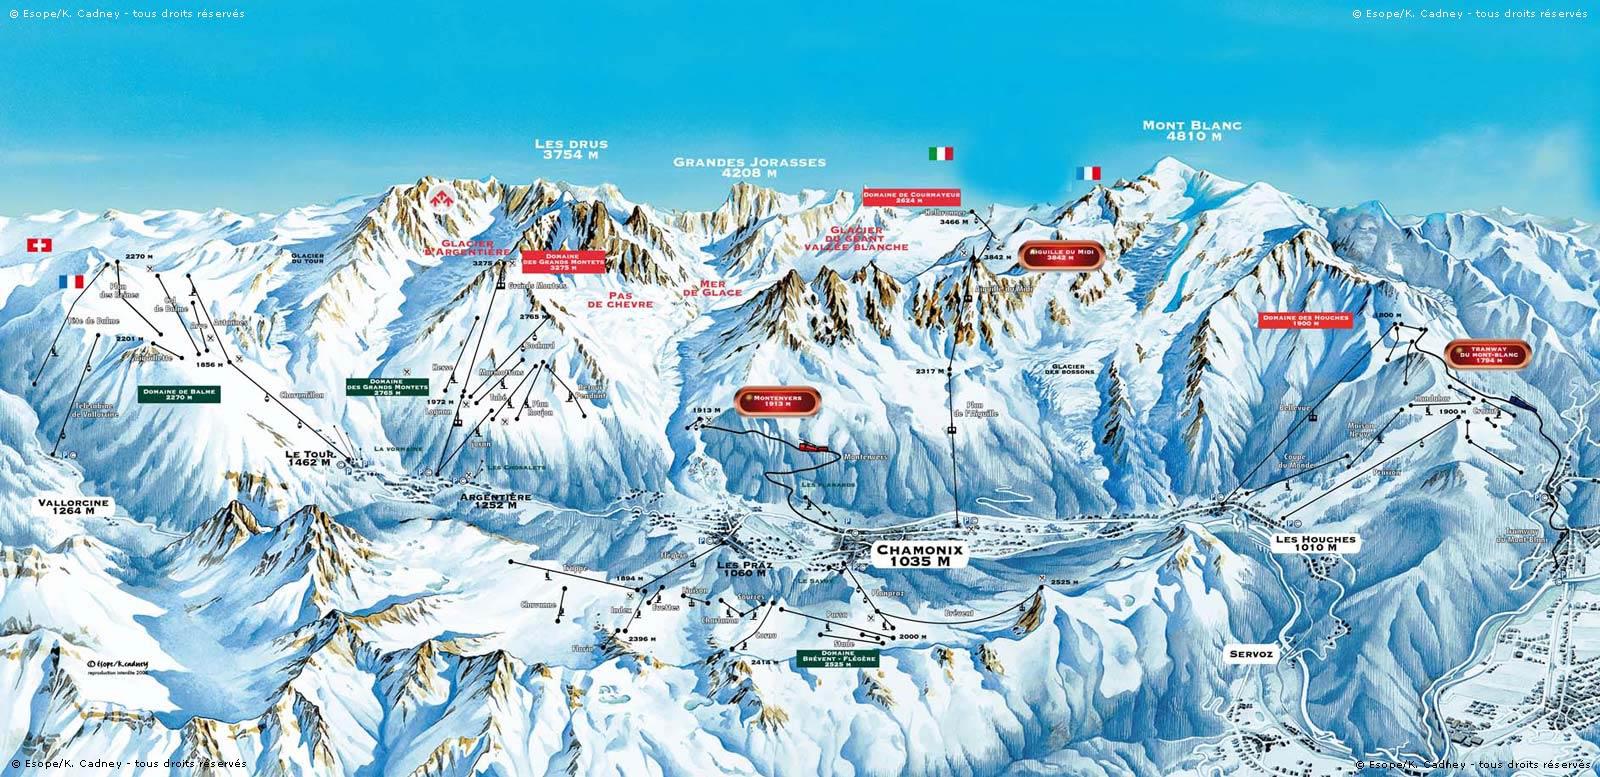 Plano de Chamonix